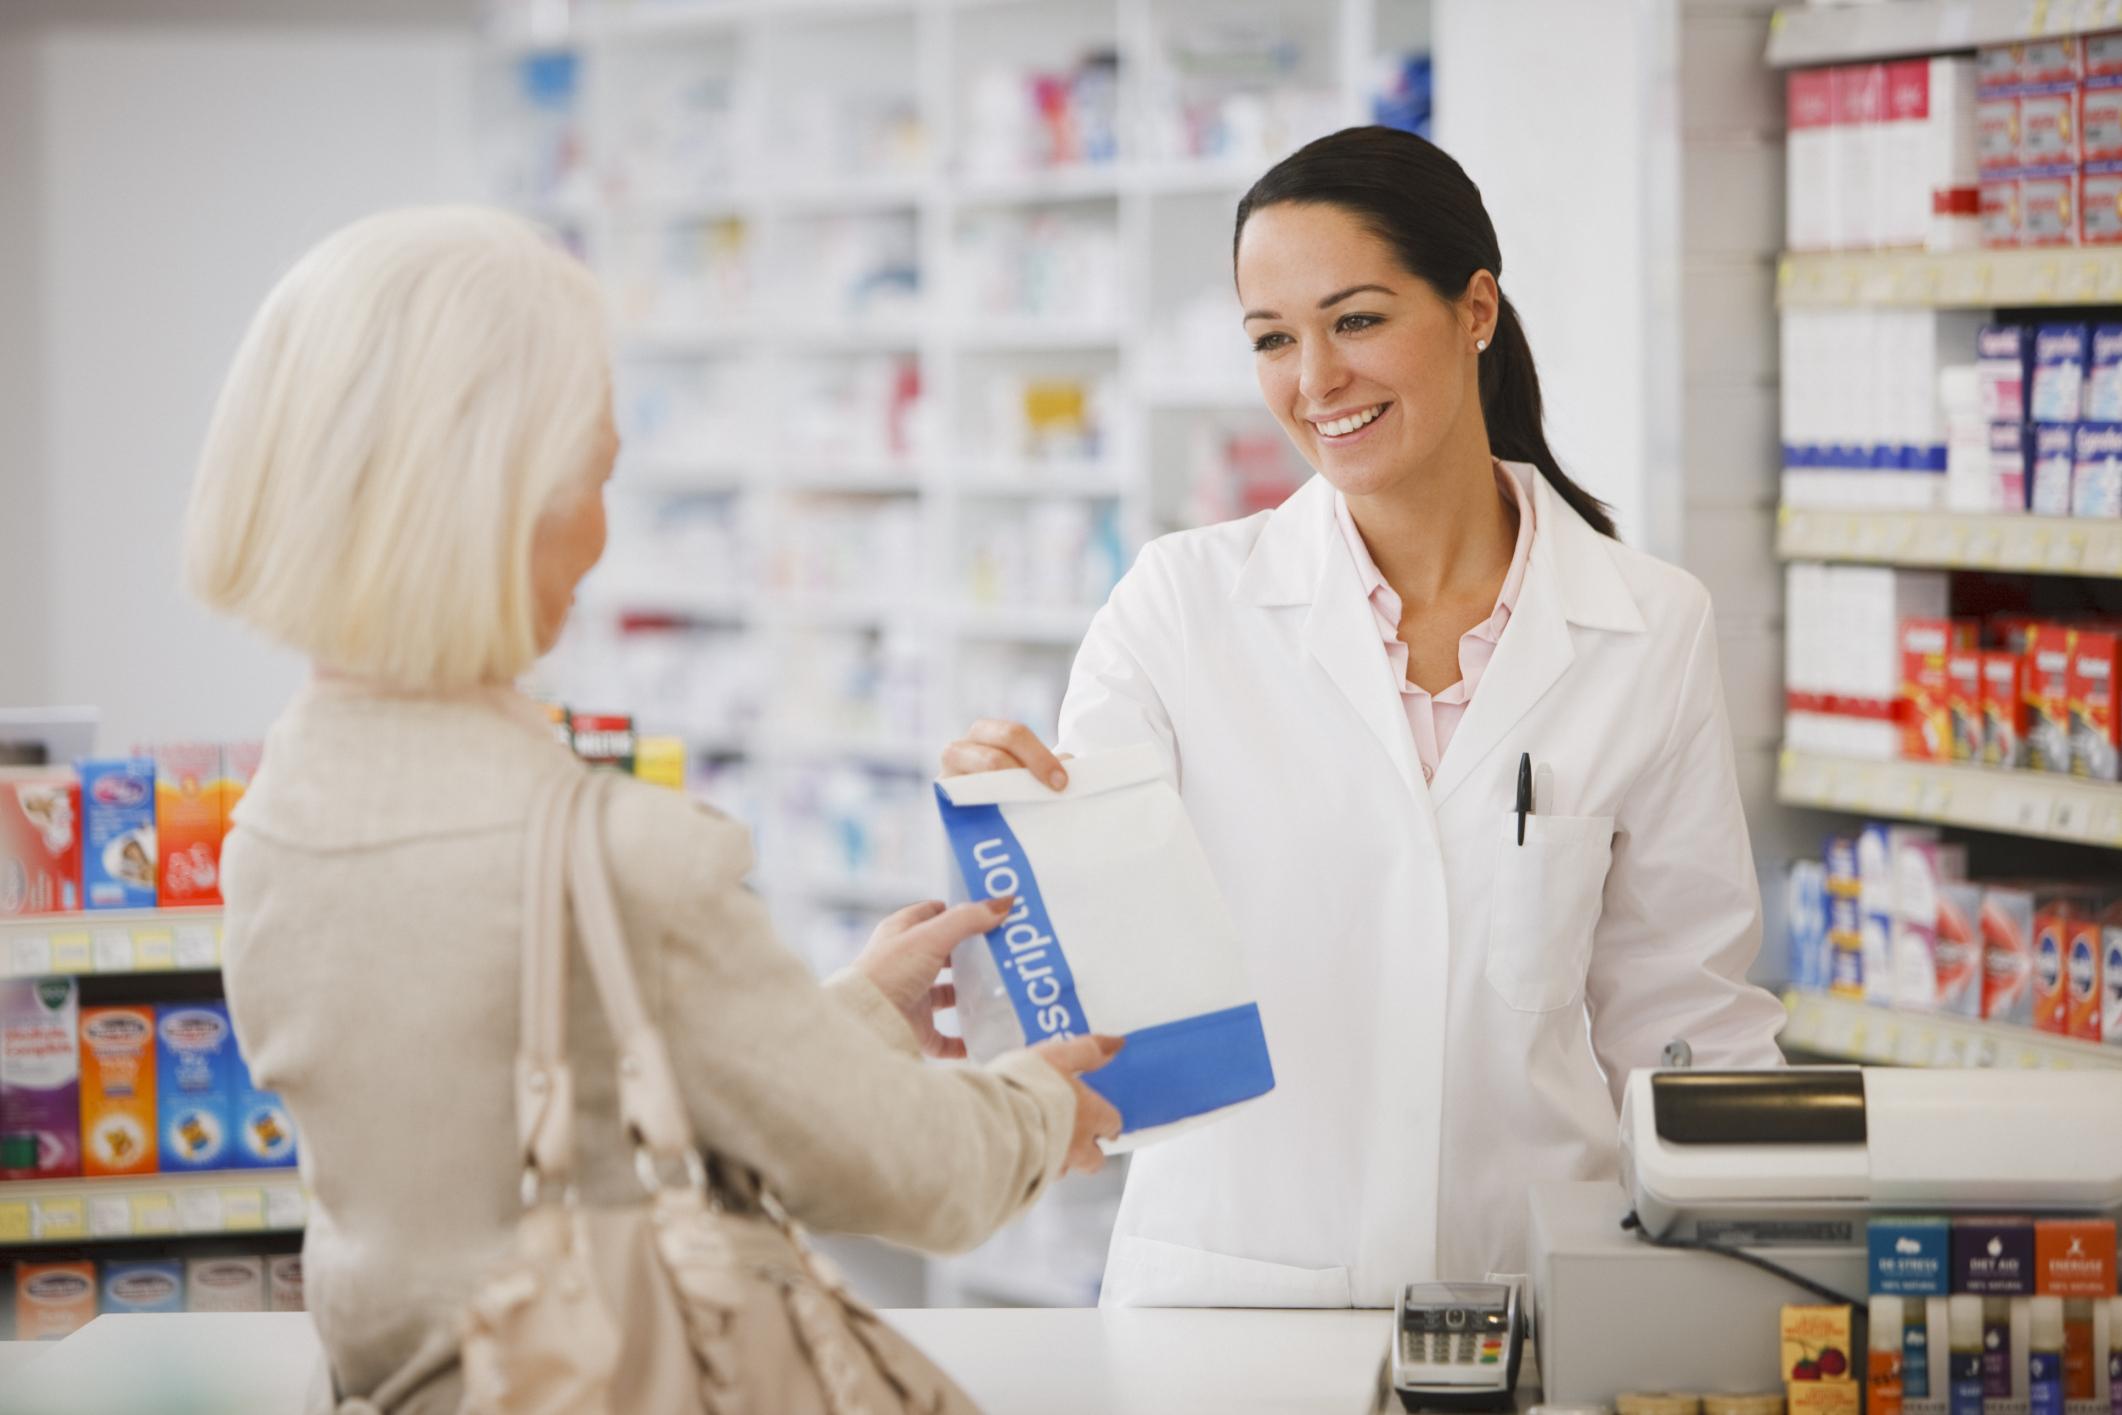 Female pharmacist hands female customer prescribed drugs